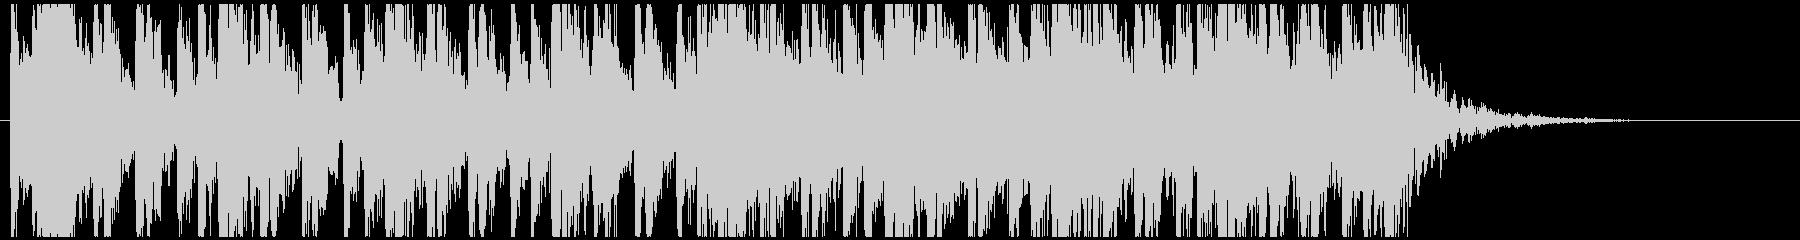 和太鼓のフレーズ3 残響ありBPM140の未再生の波形